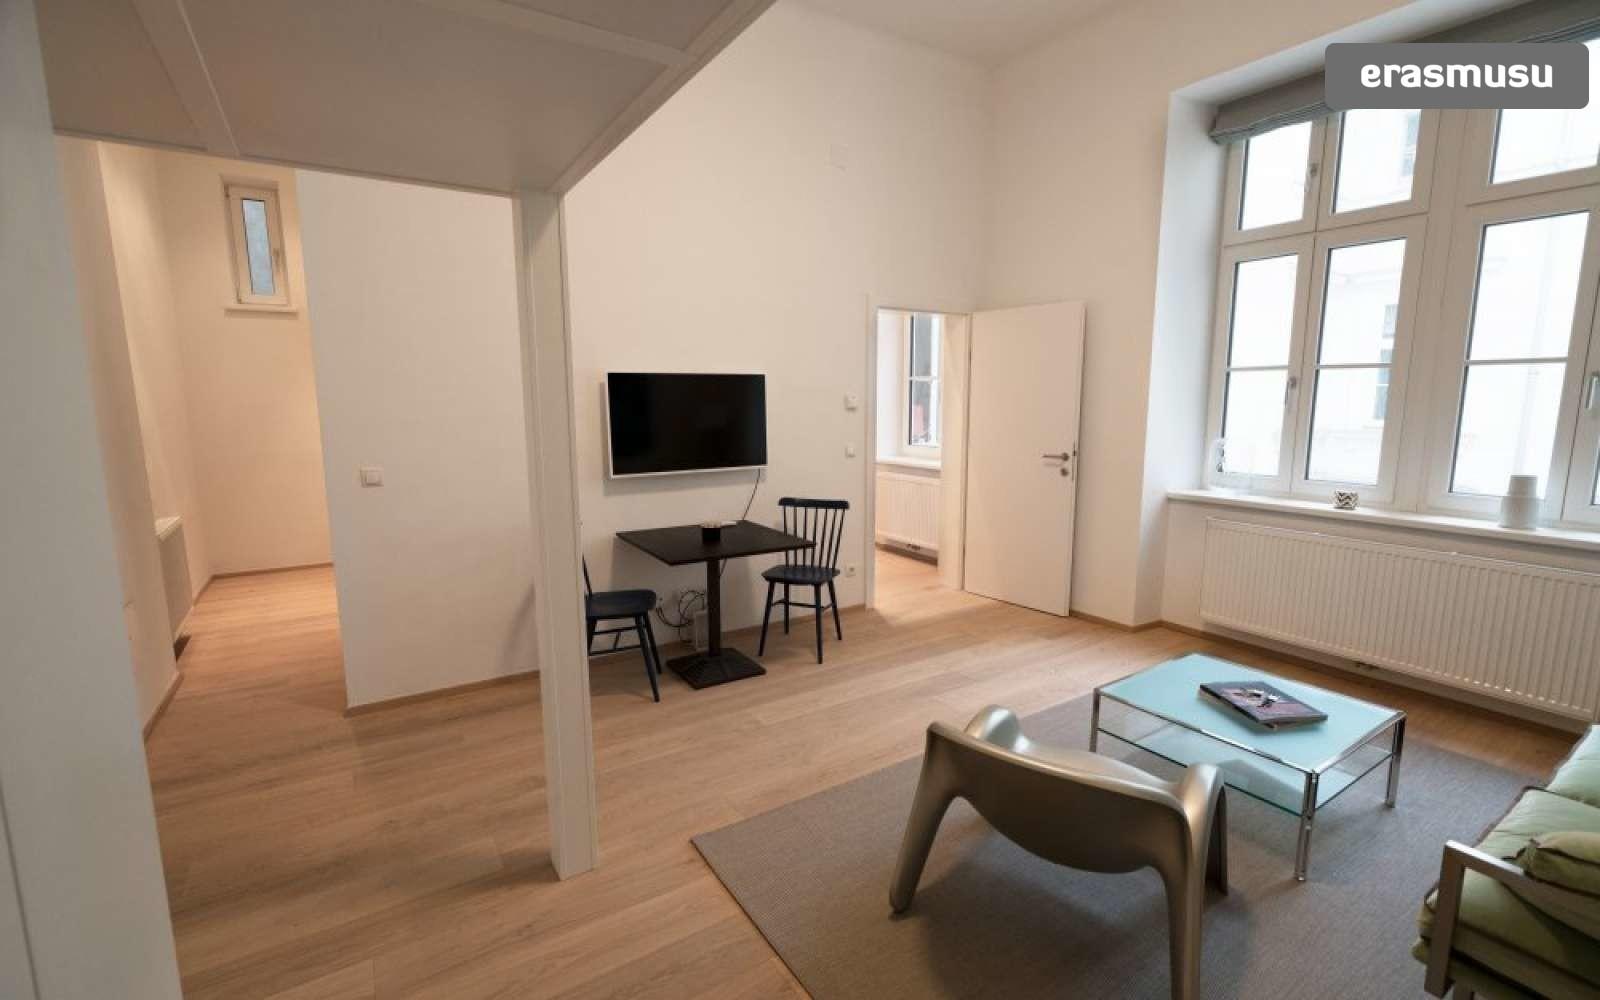 studio-apartment-rent-landstrase-6b27bfaffbec2f7dc13f741e2d127d2